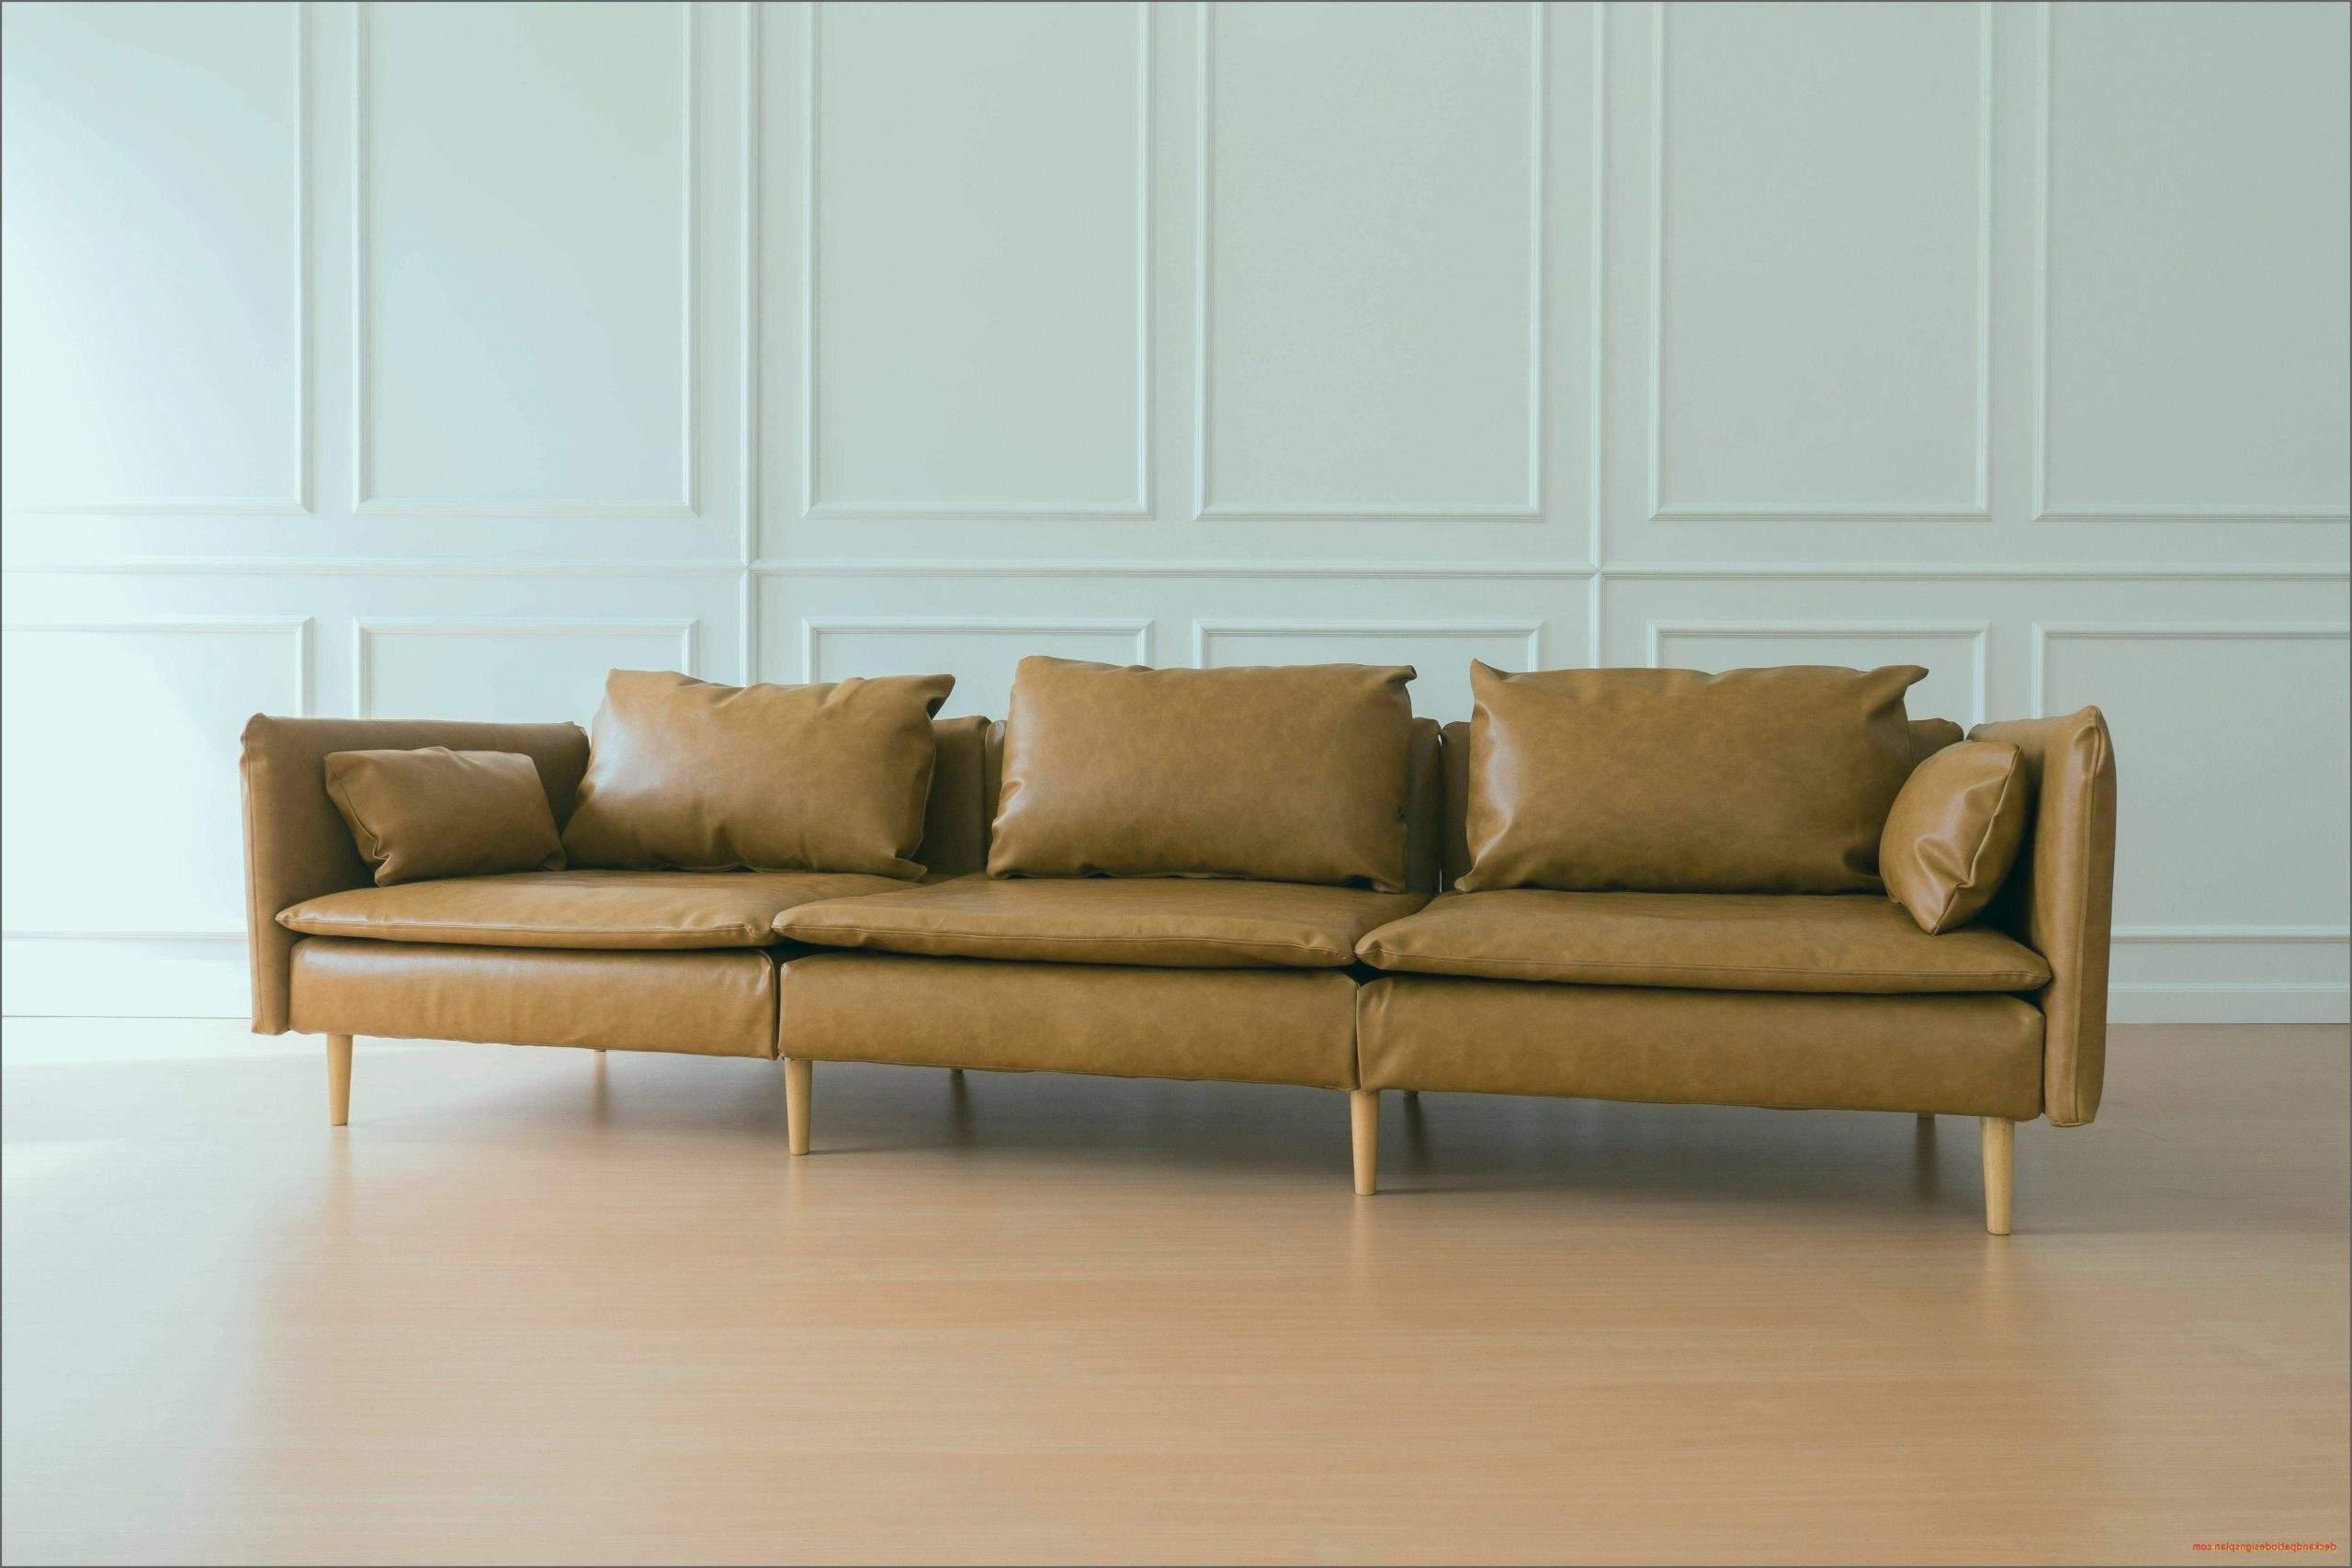 stauraum wohnzimmer das beste von 40 allgemeines und sauber lounge sofa wohnzimmer of stauraum wohnzimmer scaled